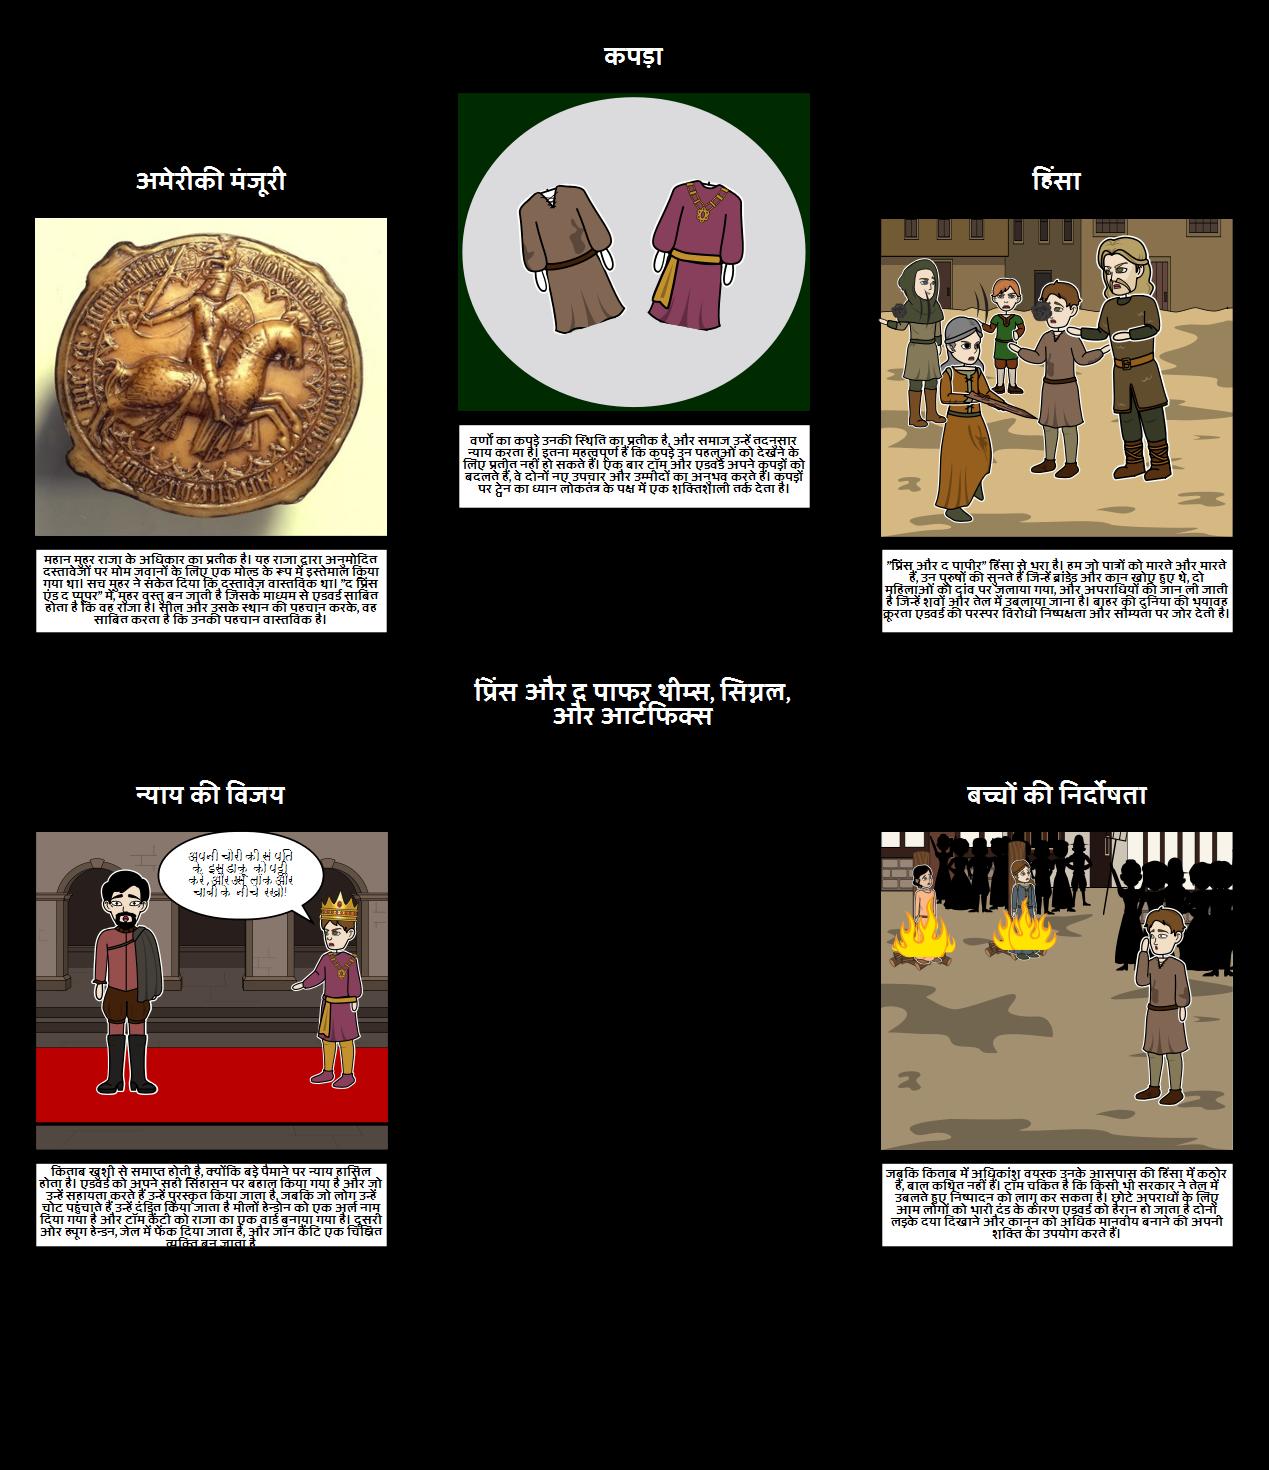 प्रिंस और द पाफर थीम्स, आकृति और प्रतीक